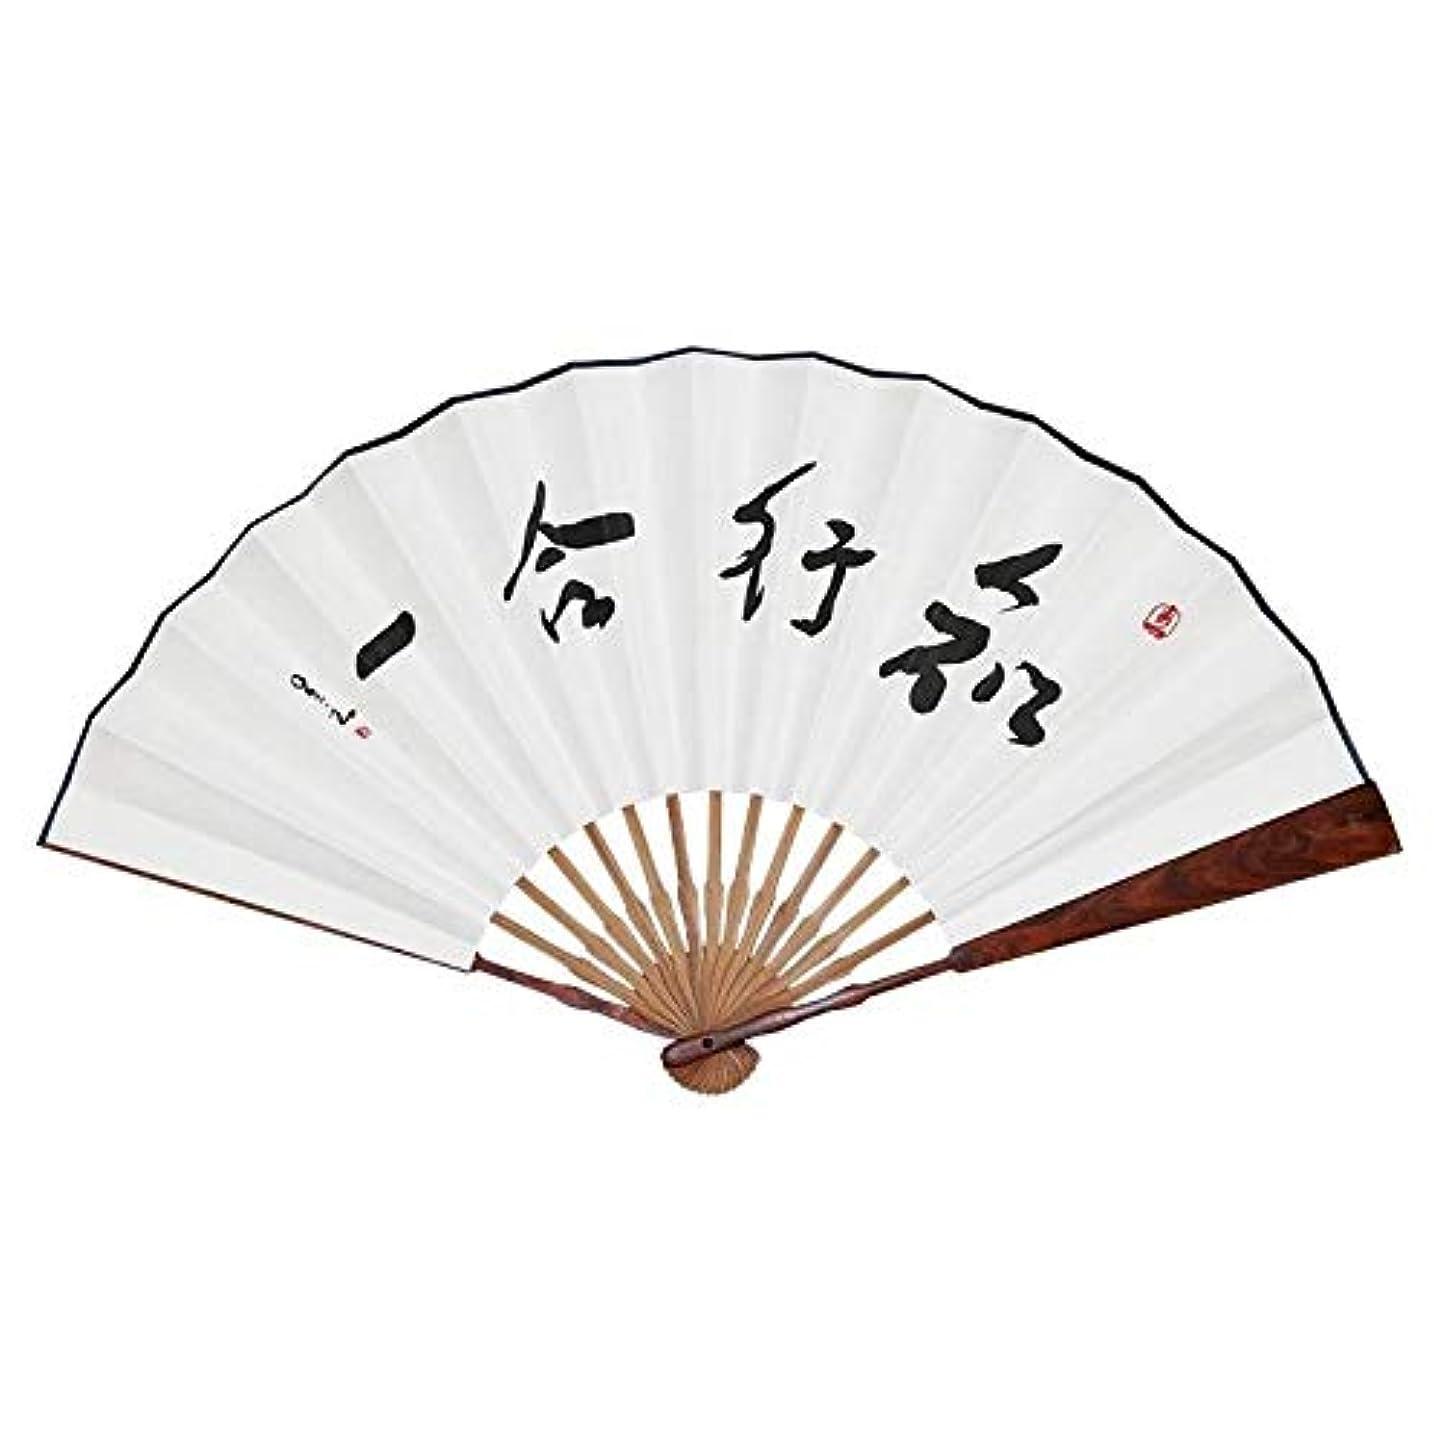 競合他社選手摘む私FAN LUOSAI ダンス、パーティー、結婚祝い、DIYの装飾、家の装飾のためのハンドヘルド扇子中国ファンオリエンタルファン